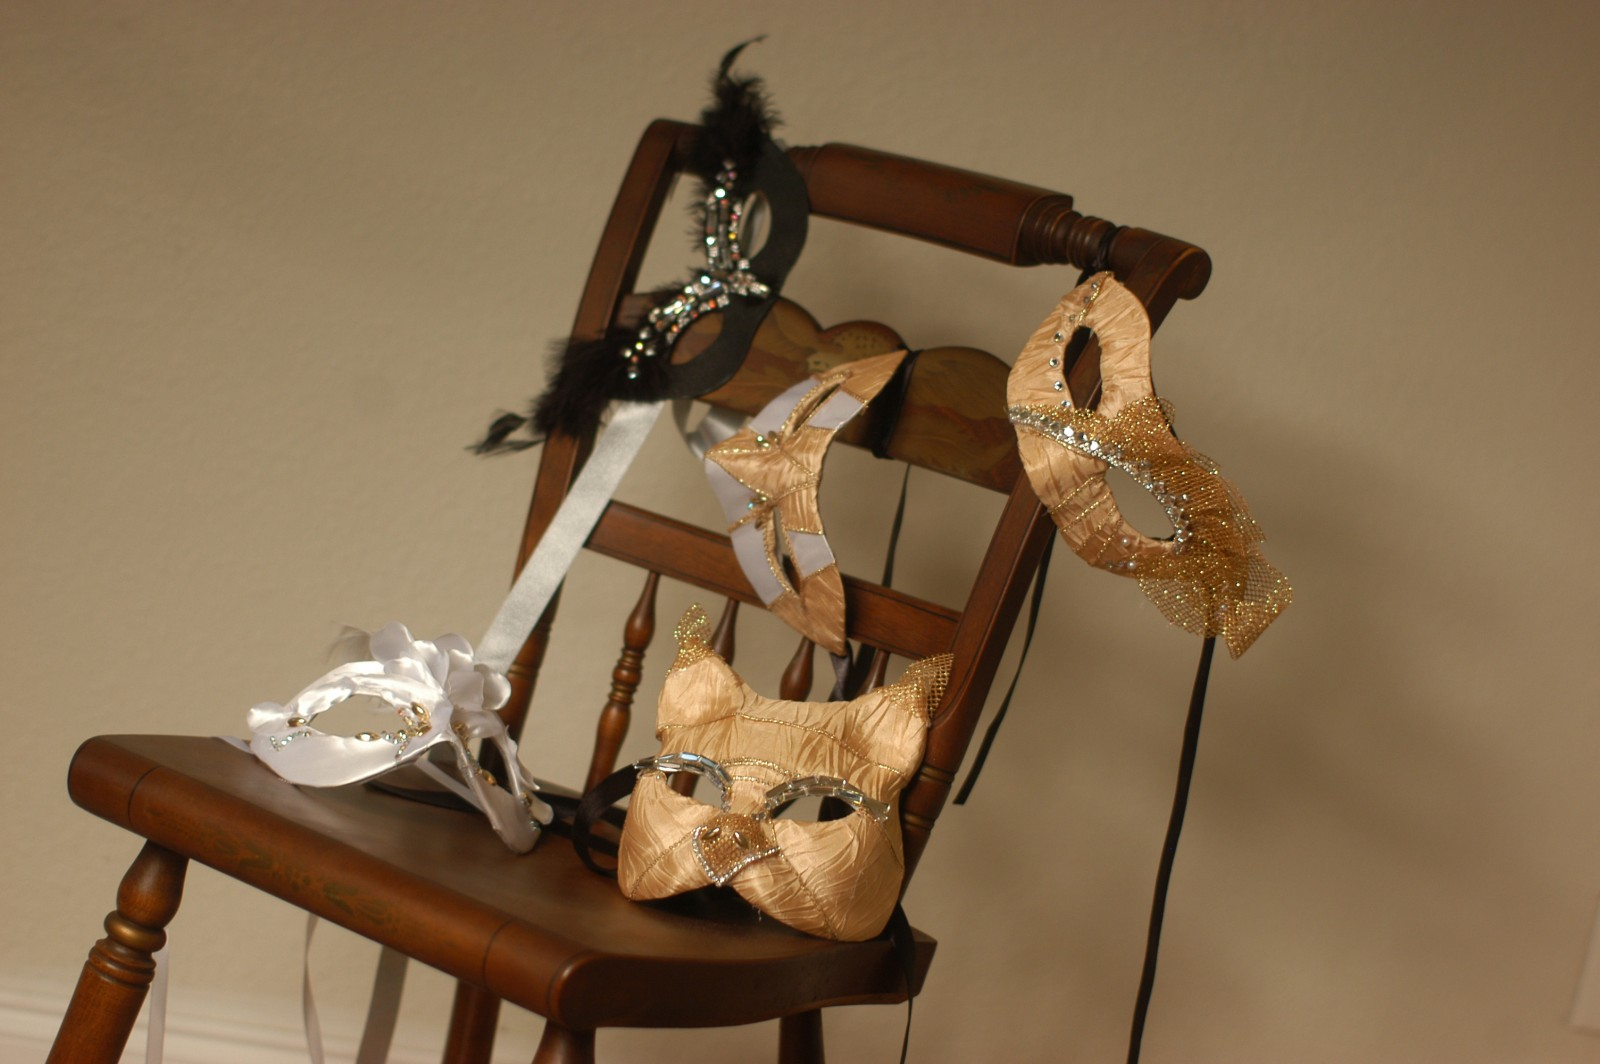 Stew Caroline von Broembsen creates handcrafted masks. PHOTO/SUZETTE COOK